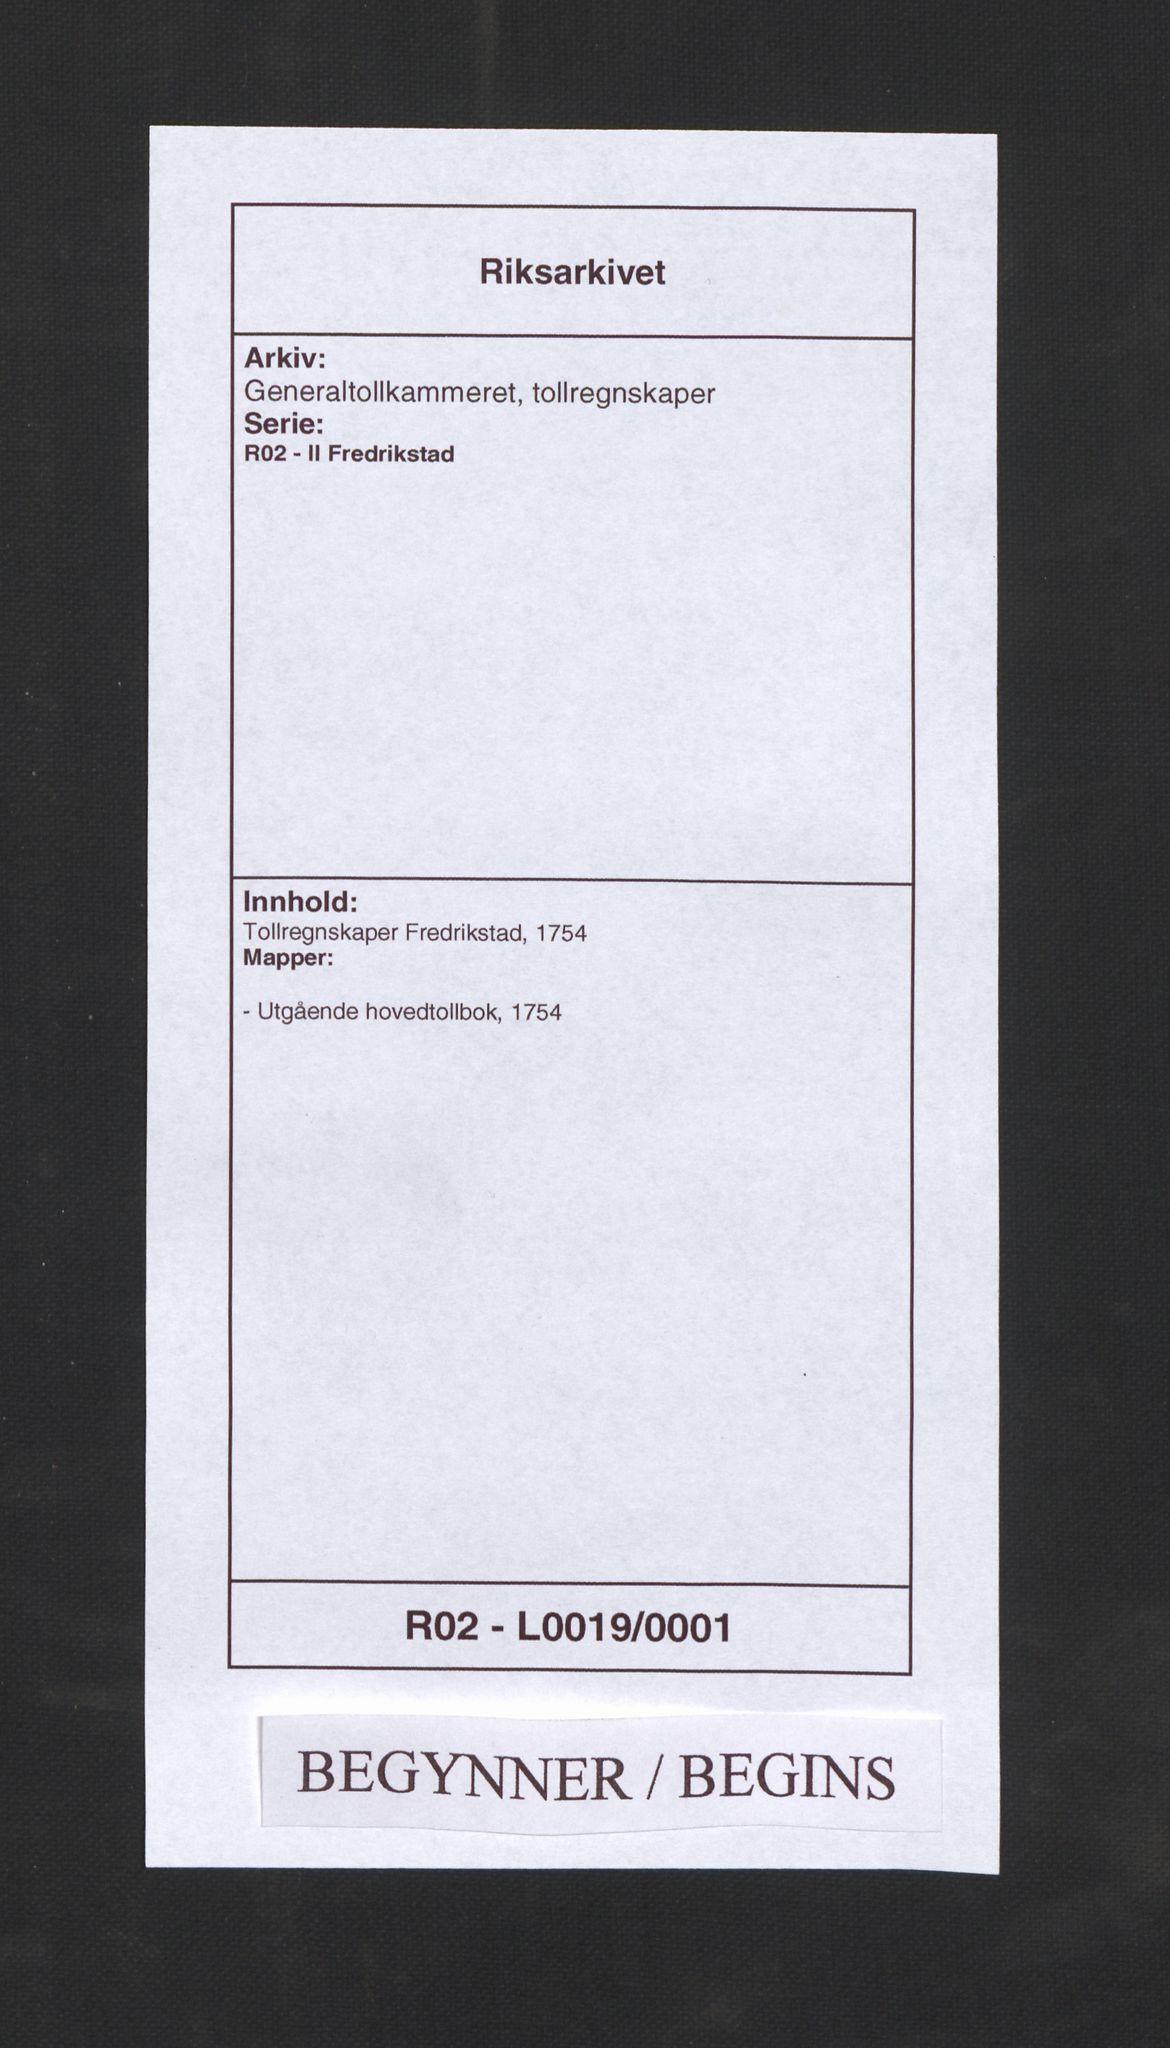 RA, Generaltollkammeret, tollregnskaper, R02/L0019: Tollregnskaper Fredrikstad, 1754